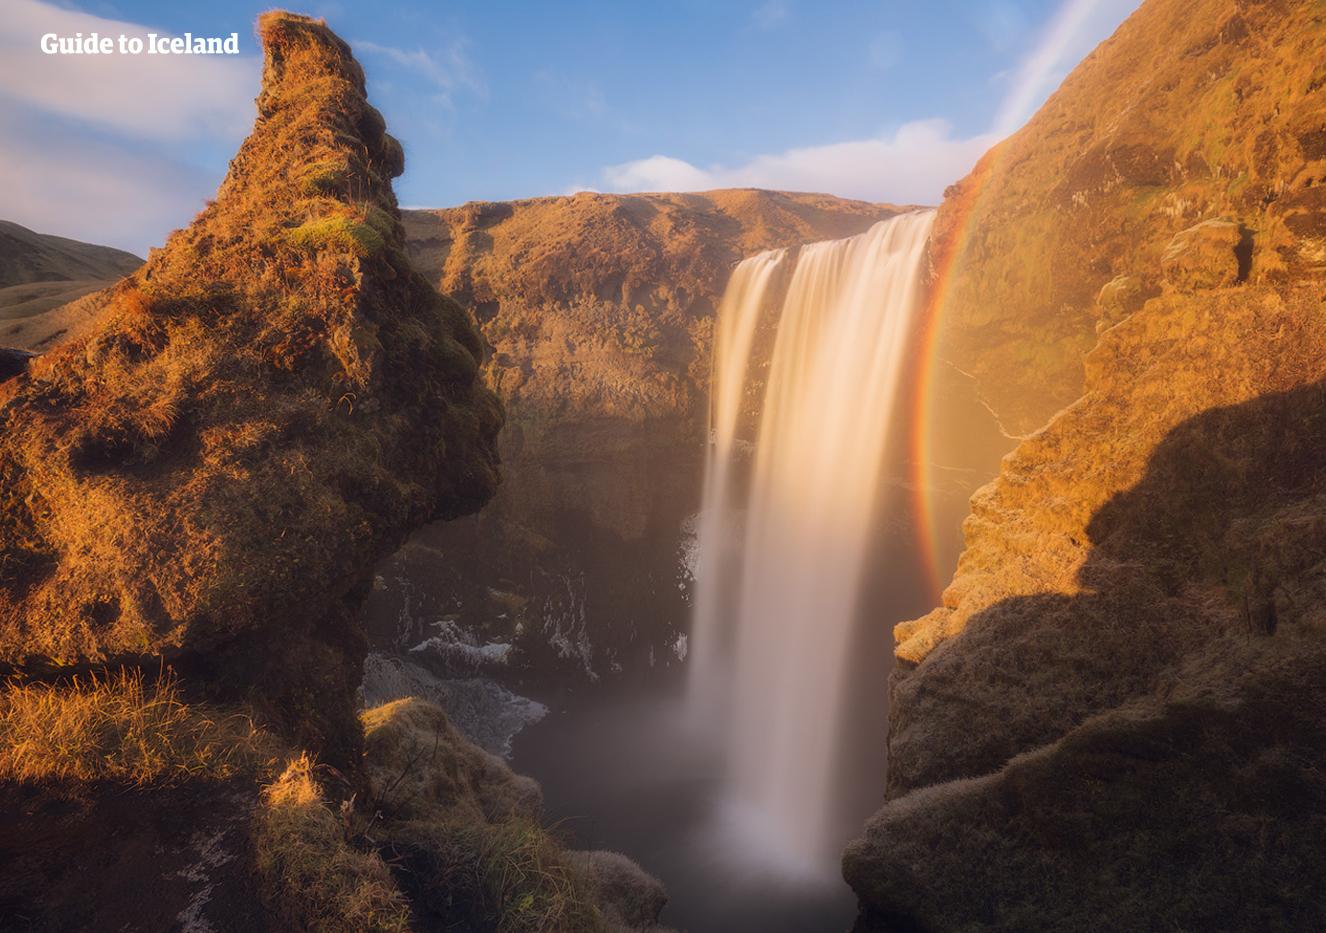 在冰岛南岸著名的斯科加瀑布(Skógafoss)前留下你的身影